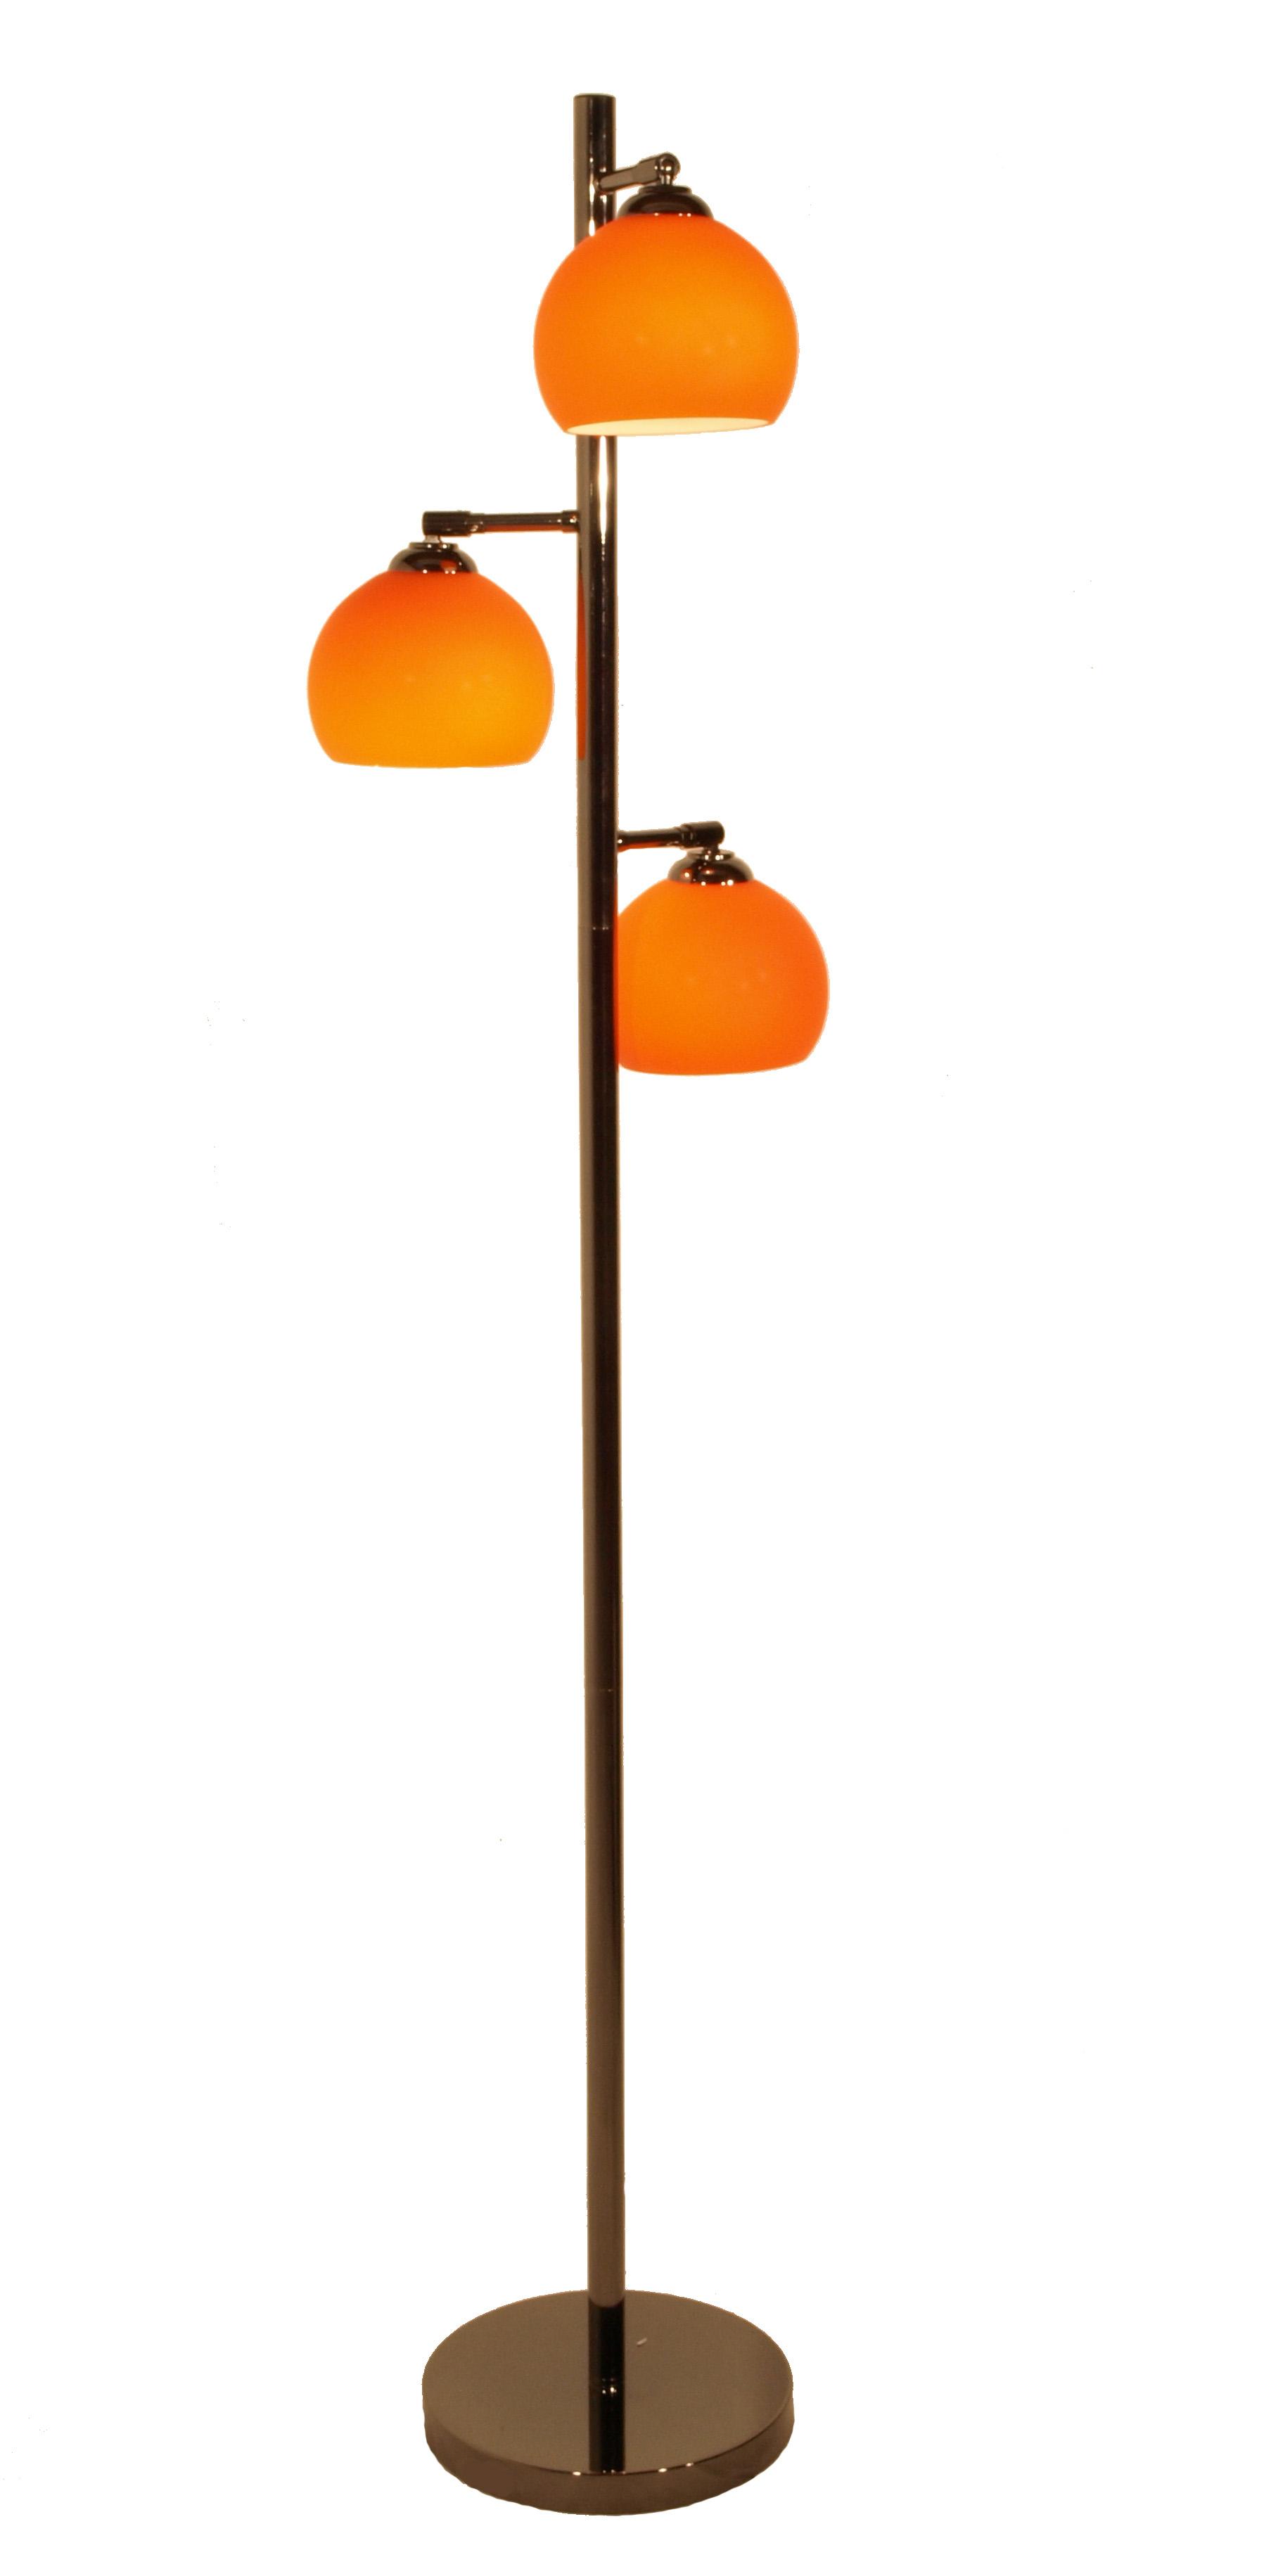 design stehleuchte stehlampe orange ebay. Black Bedroom Furniture Sets. Home Design Ideas